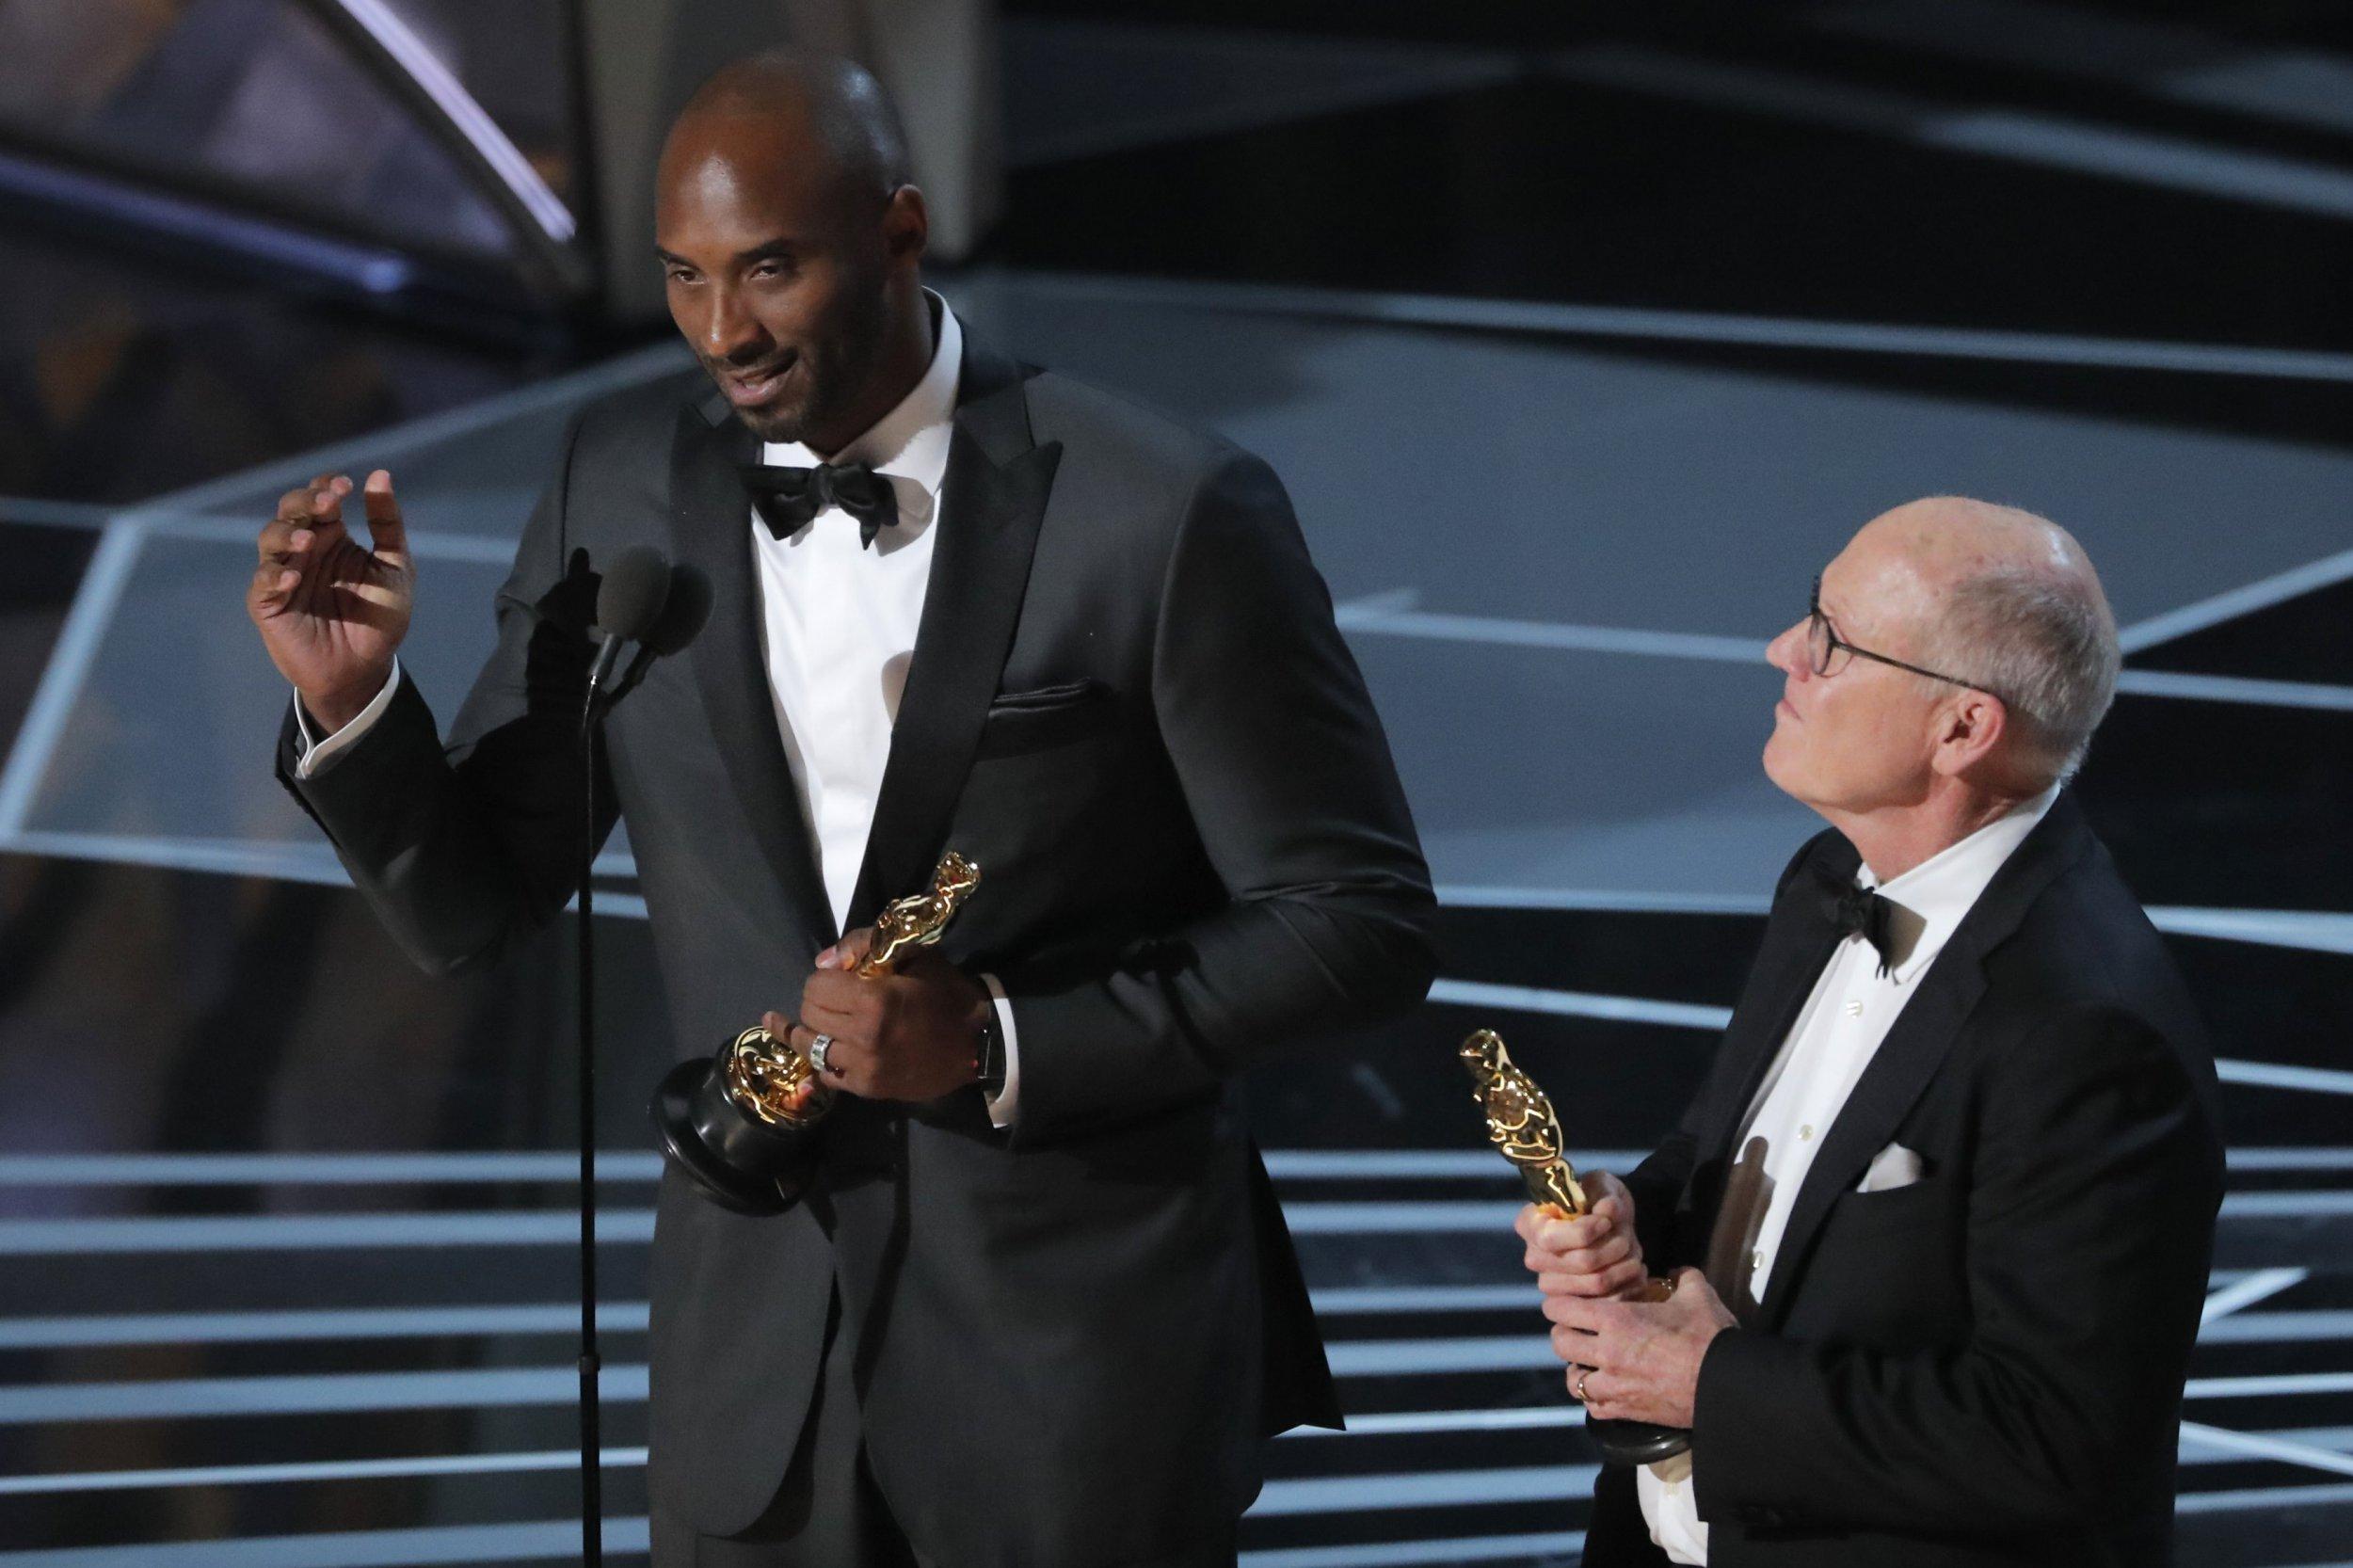 """90th Academy Awards - Oscars Show - Hollywood, California, U.S., 04/03/2018 - Kobe Bryant and Glen Keane (R) accept the Oscar for Best Animated Short Film for """"Dear Basketball."""" REUTERS/Lucas Jackson"""